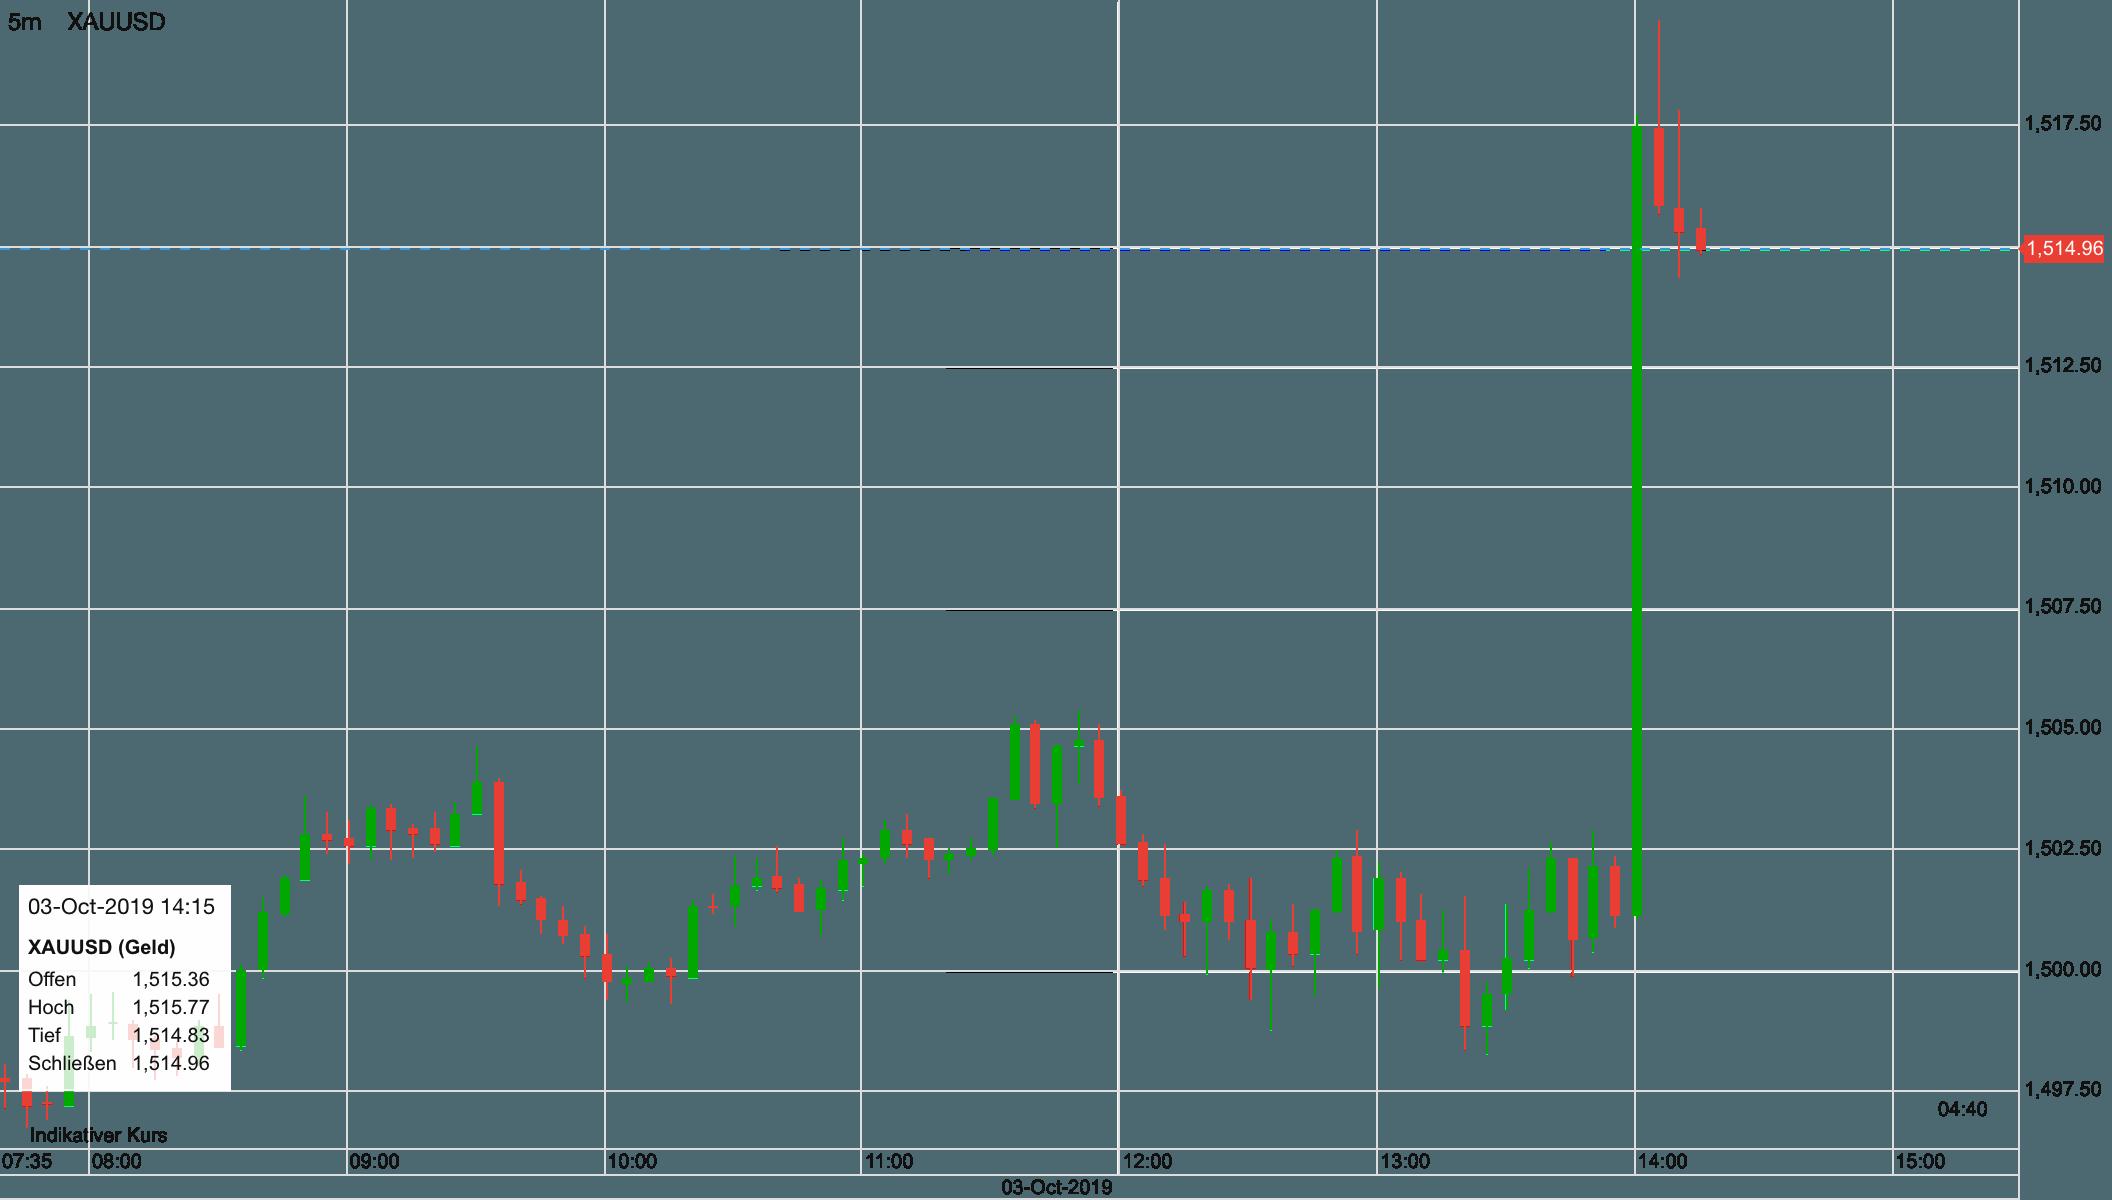 Goldpreis in USD